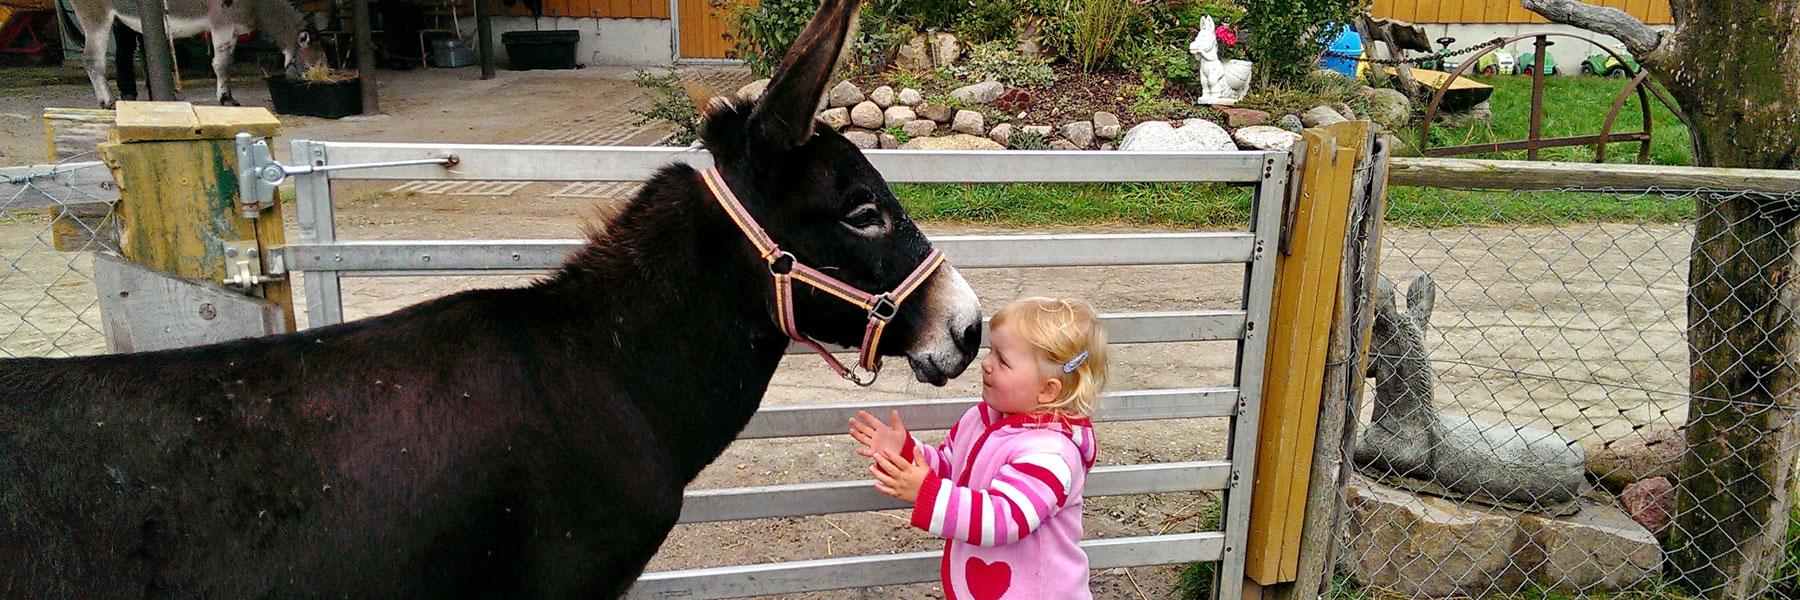 Esel und Kind - Eselhof I-AAH Klockenhagen